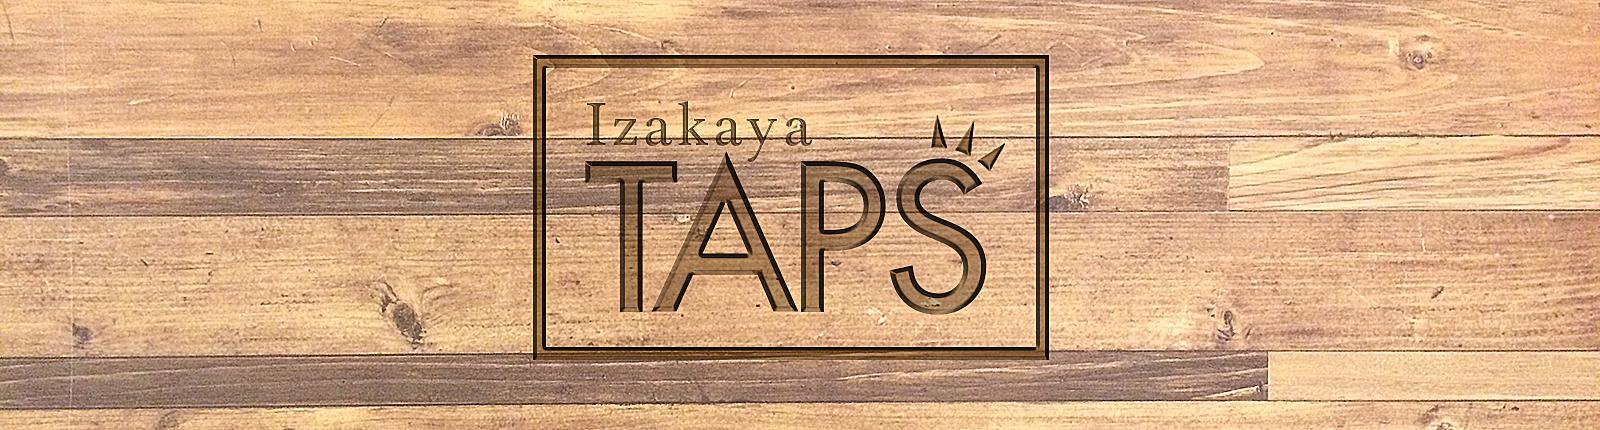 Izakaya Taps